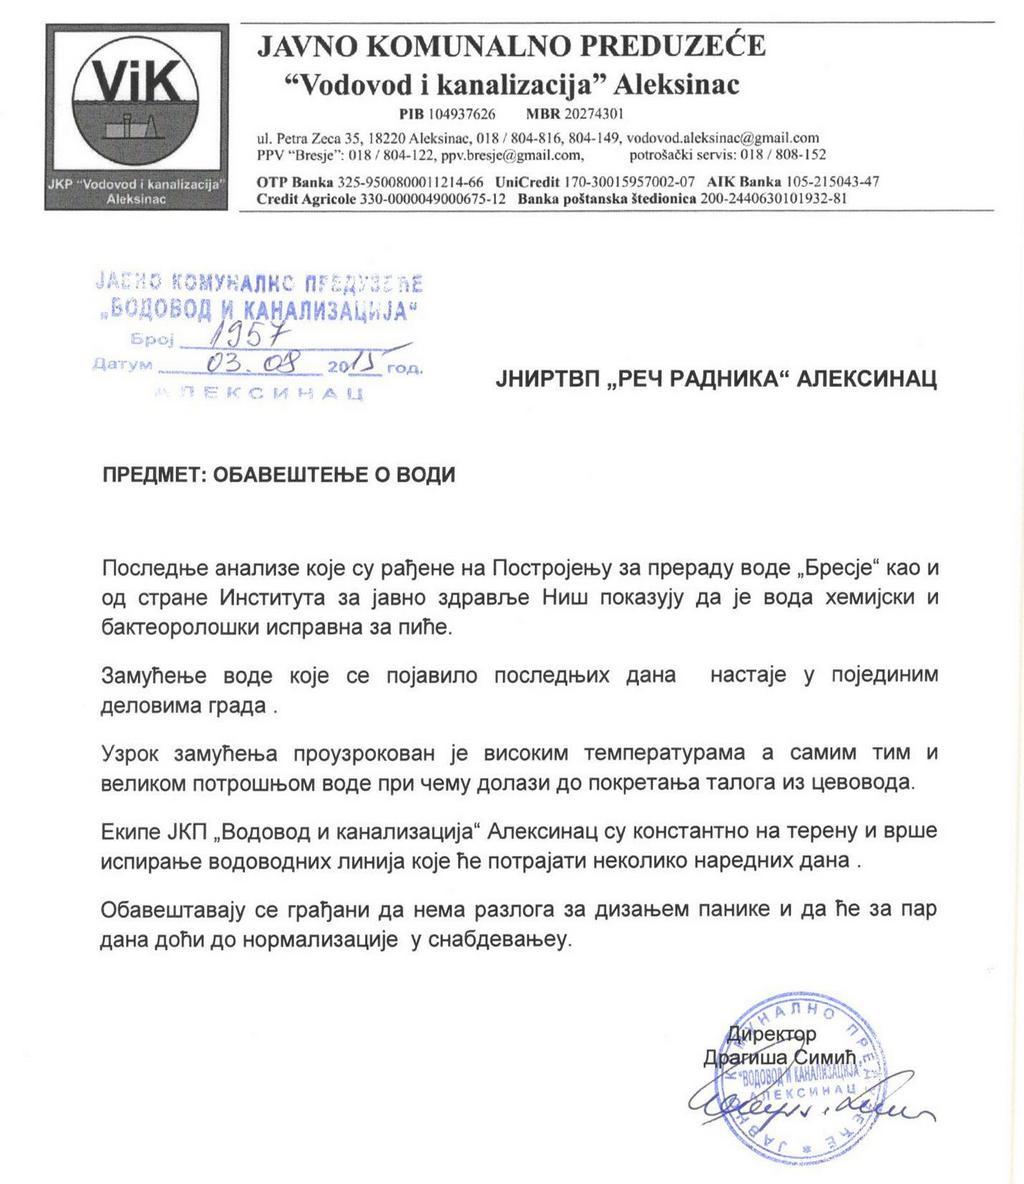 Obaveštenje JKP Vodovod i kanalizacija